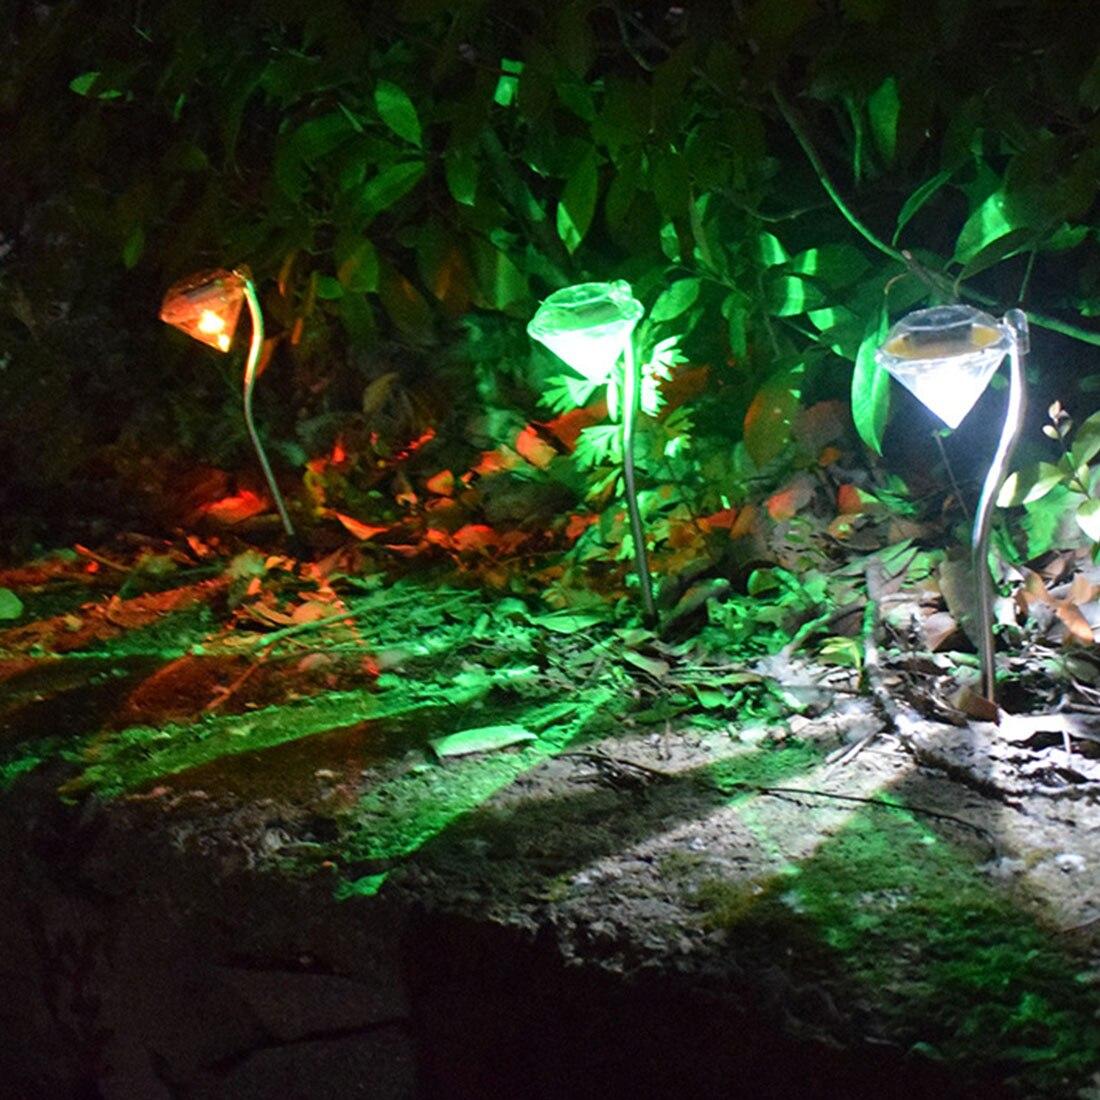 Outdoor Solar Lawn Light Waterproof Spotlight Garden Channel stainless Steel Solar Landscape Lighting